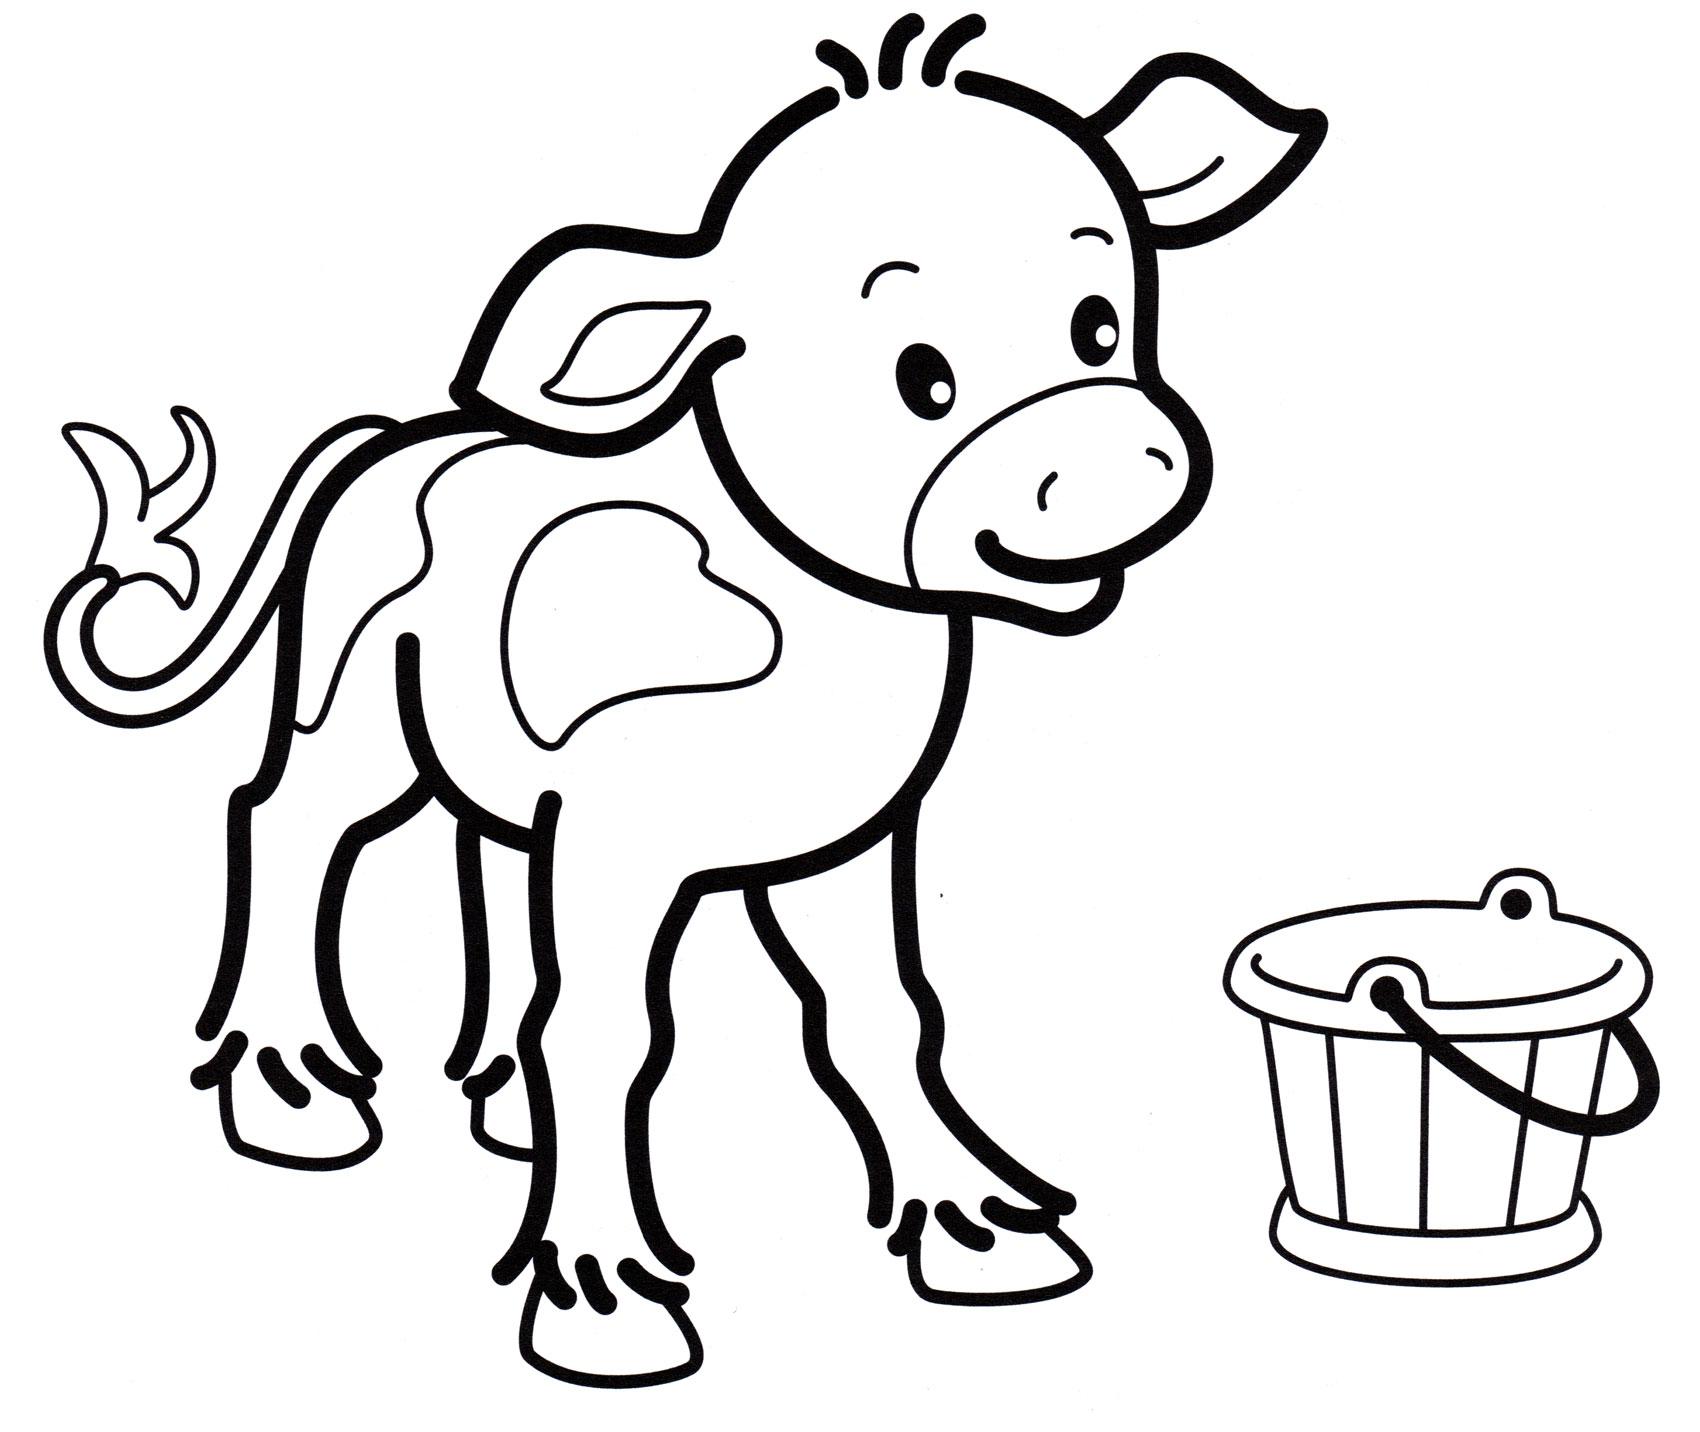 Раскраска Маленький теленок - распечатать бесплатно